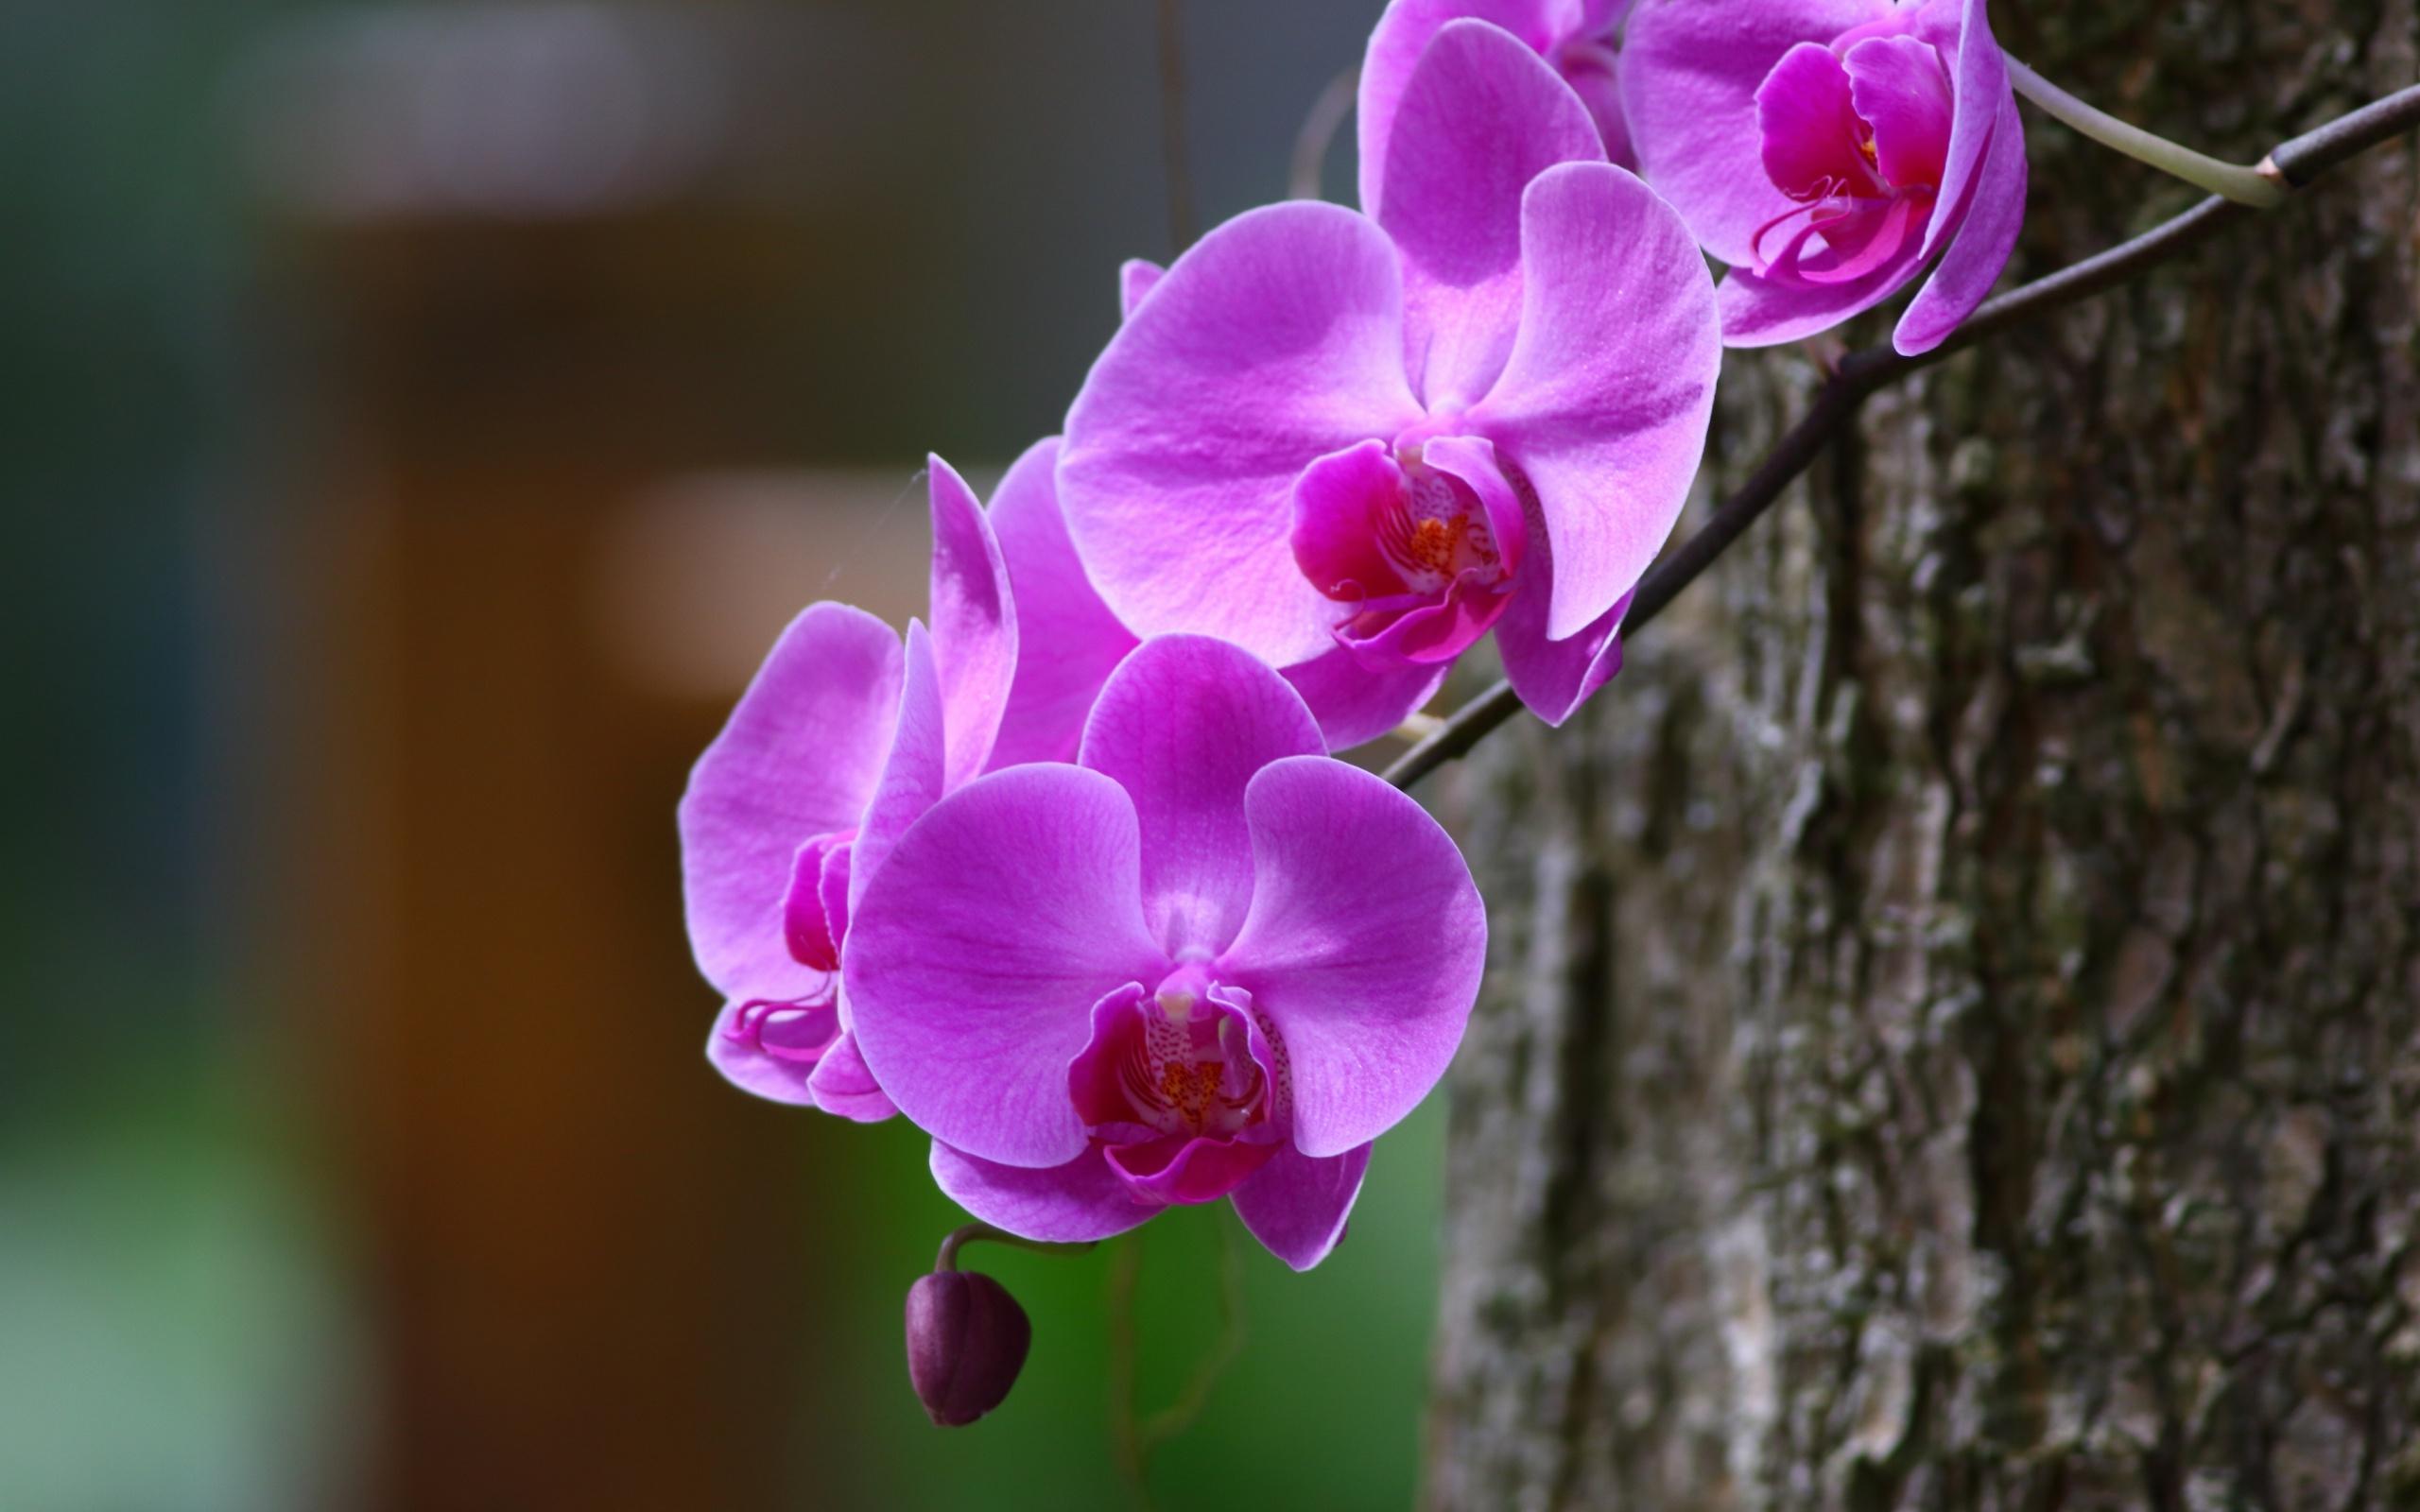 Обои на рабочий стол Цветы хризантемы   подборка (19)